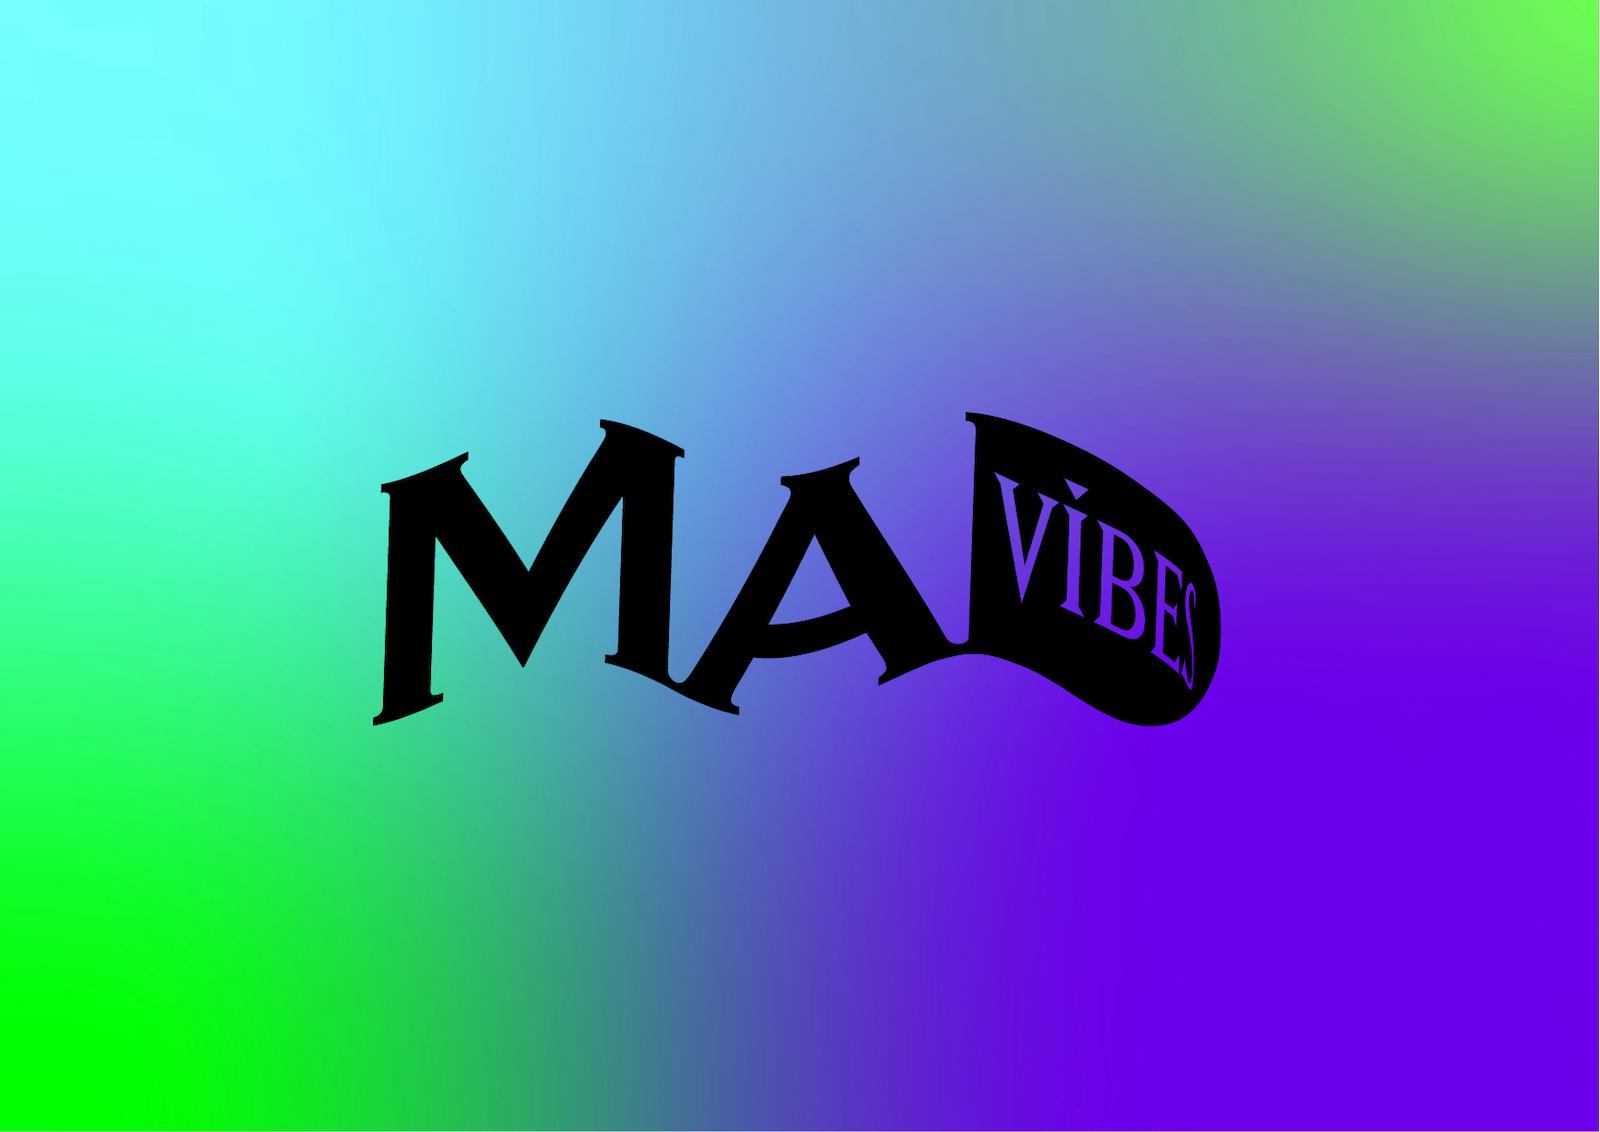 まちづ社が運営するイベントスペース「FANCLUB」でのプロジェクト「MADVIBES」のロゴ